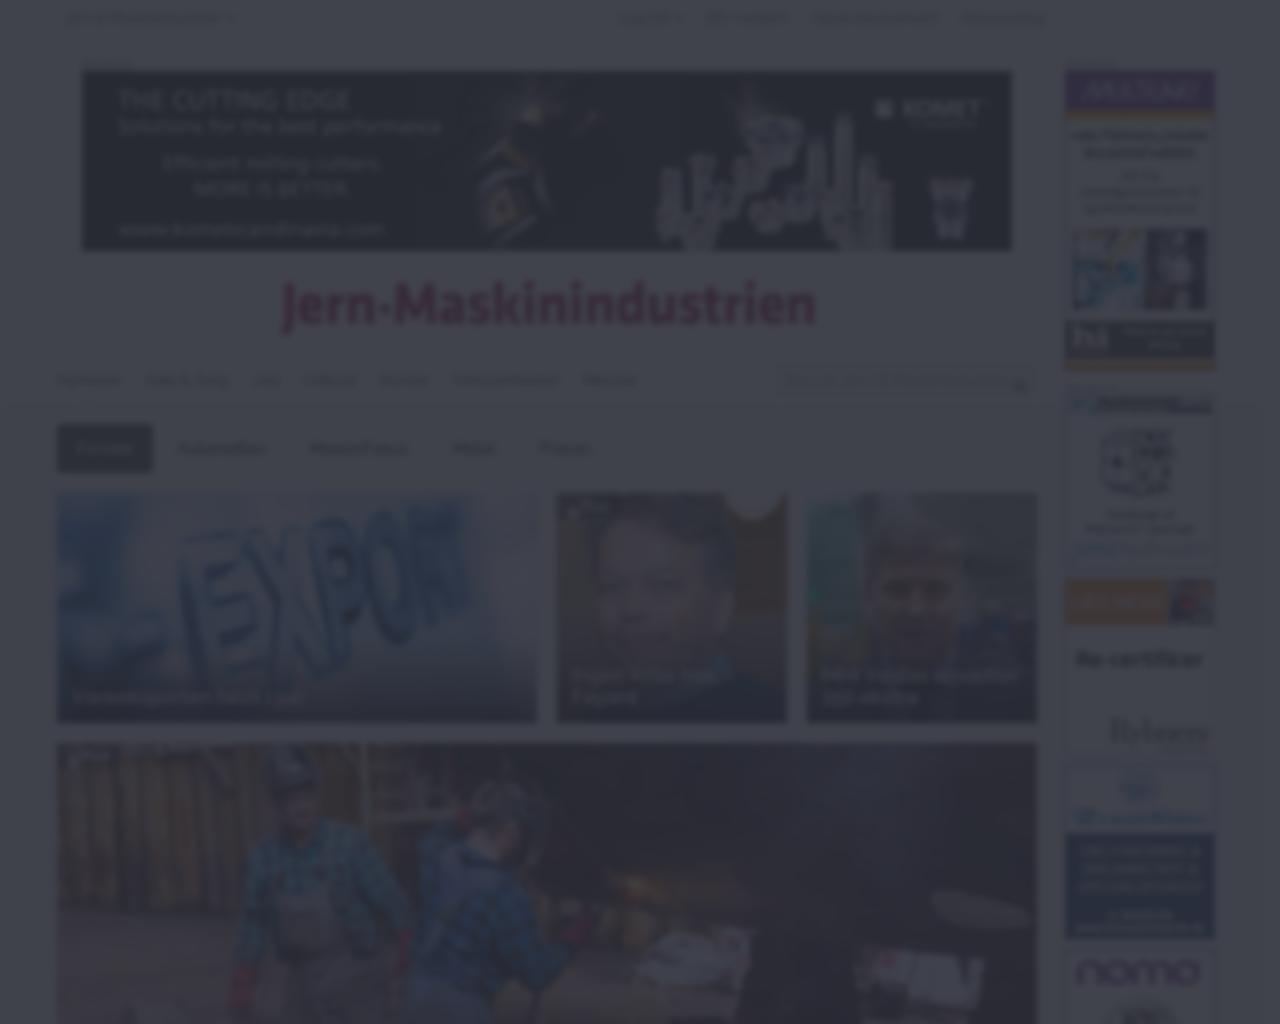 Jern-&-Maskinindustrien-Advertising-Reviews-Pricing